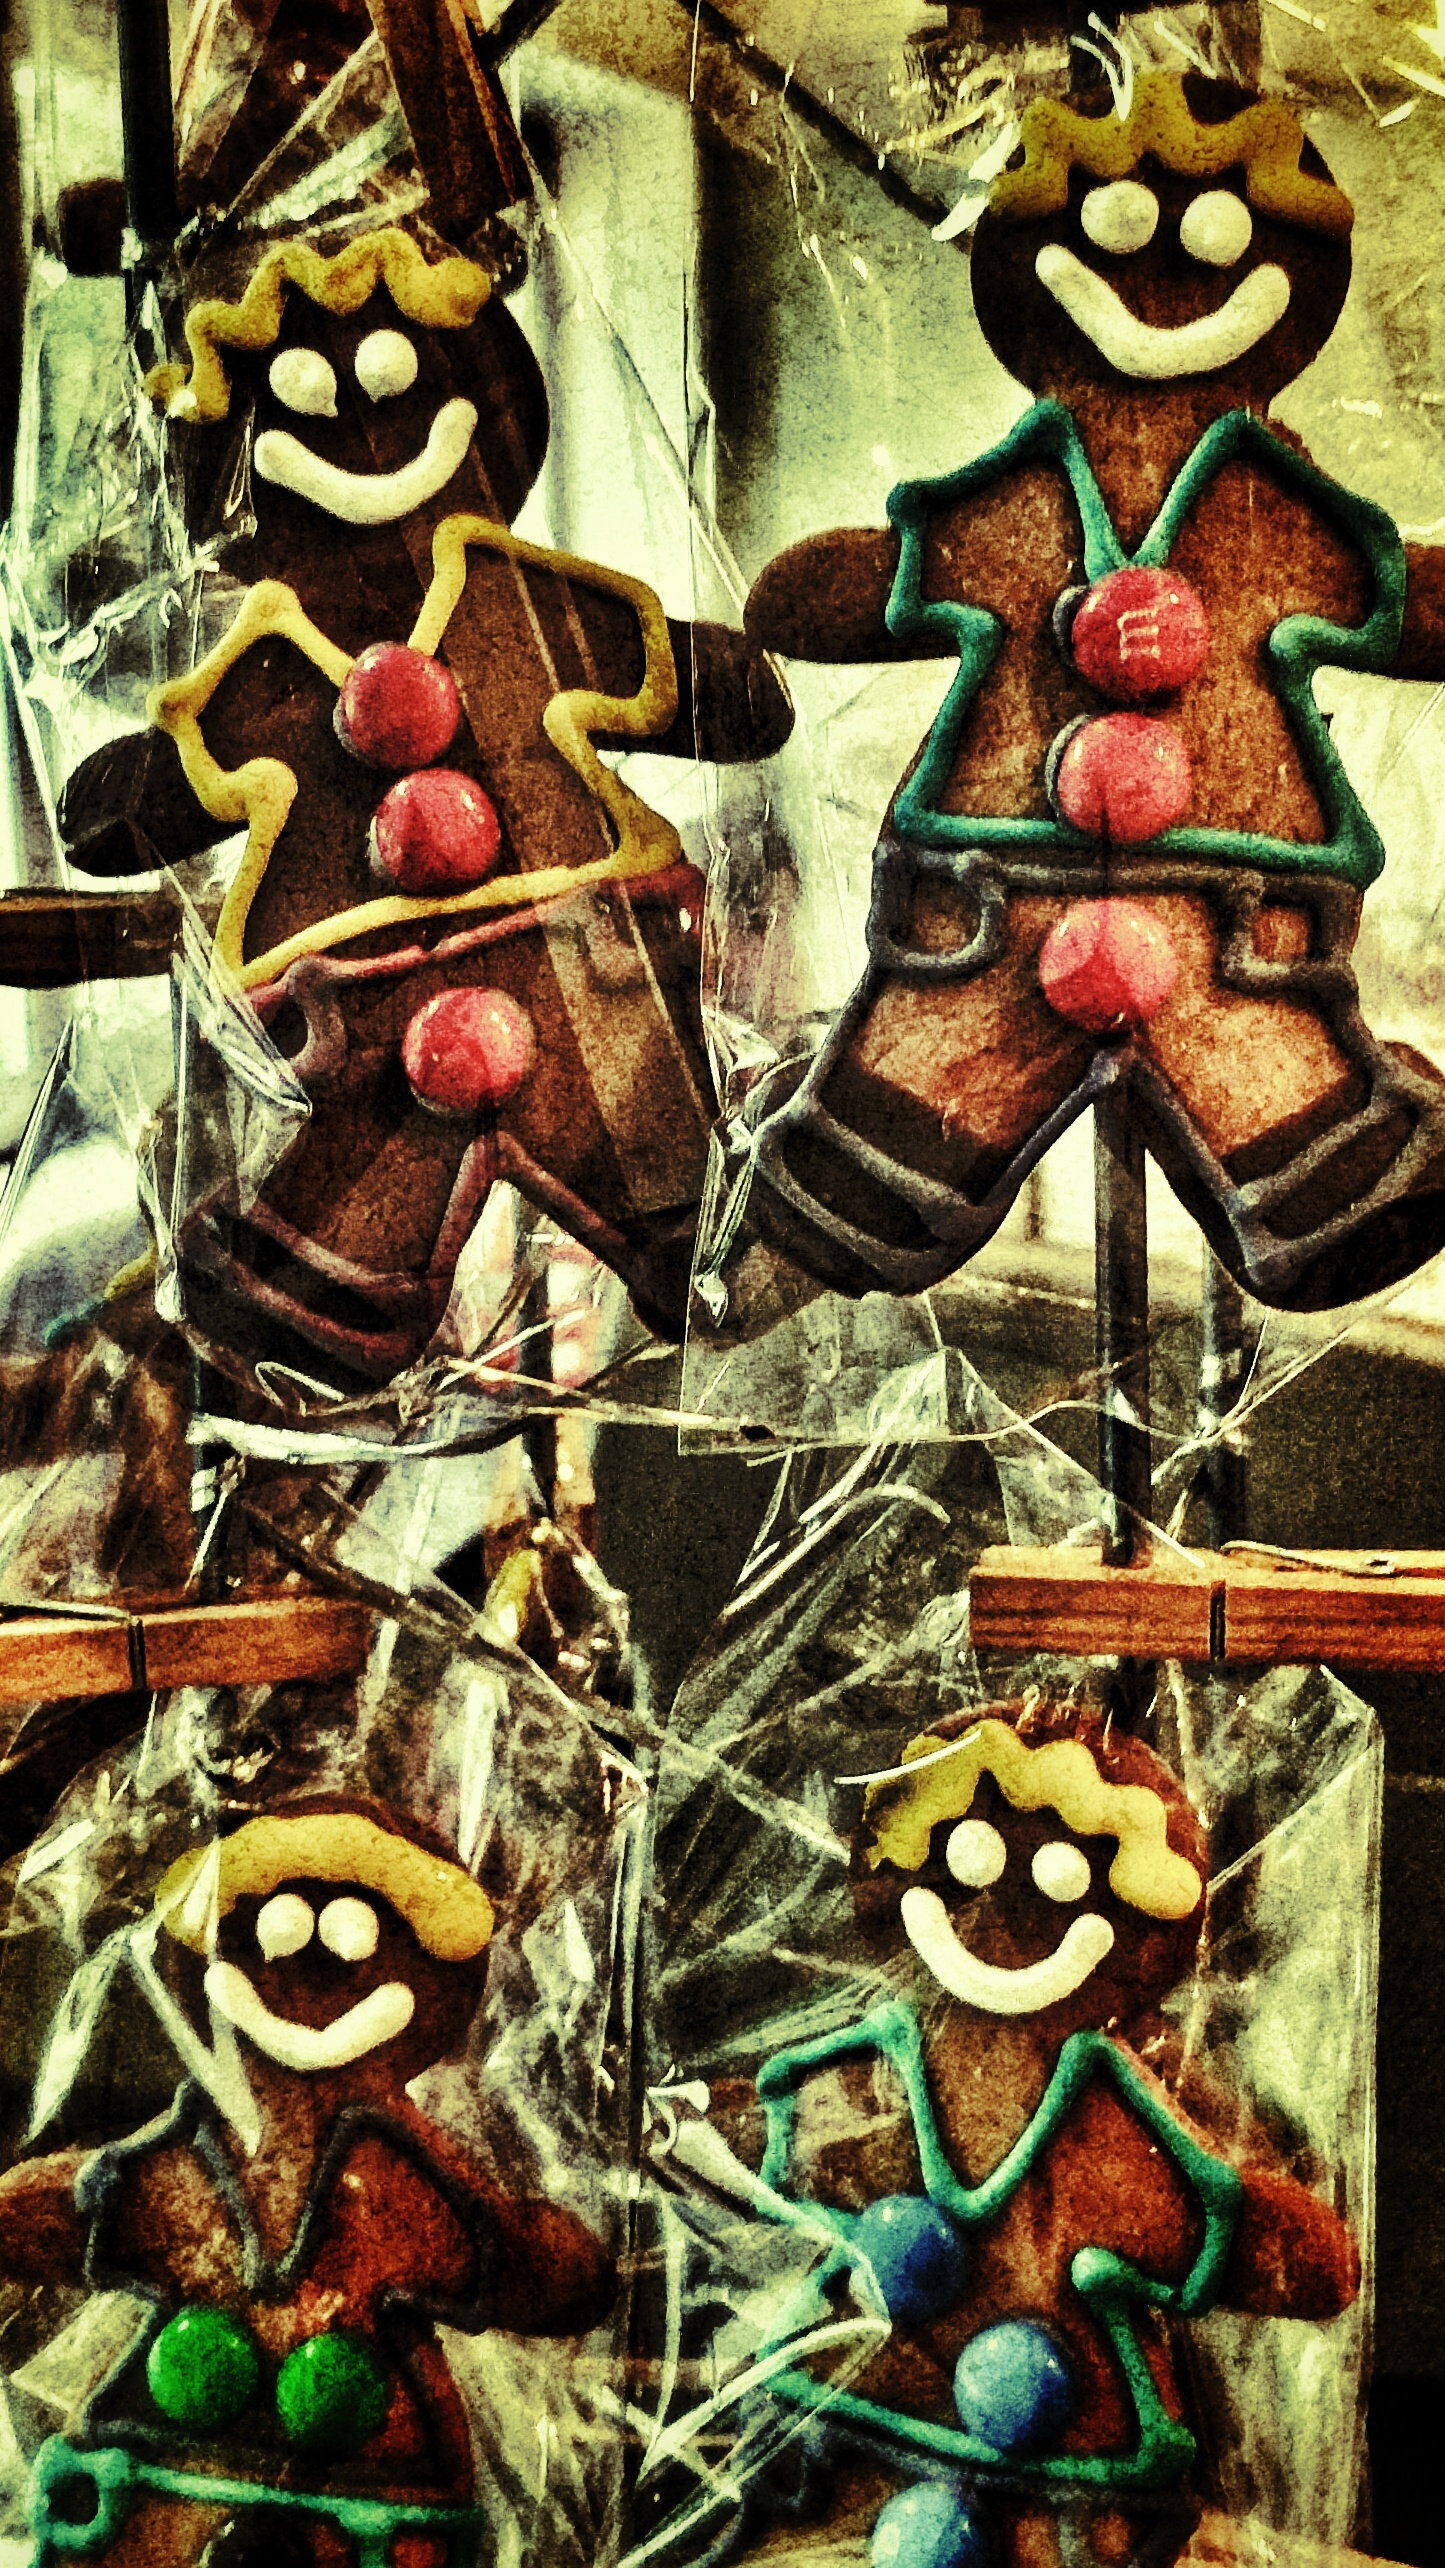 Grunge filtered Gingerbread Men